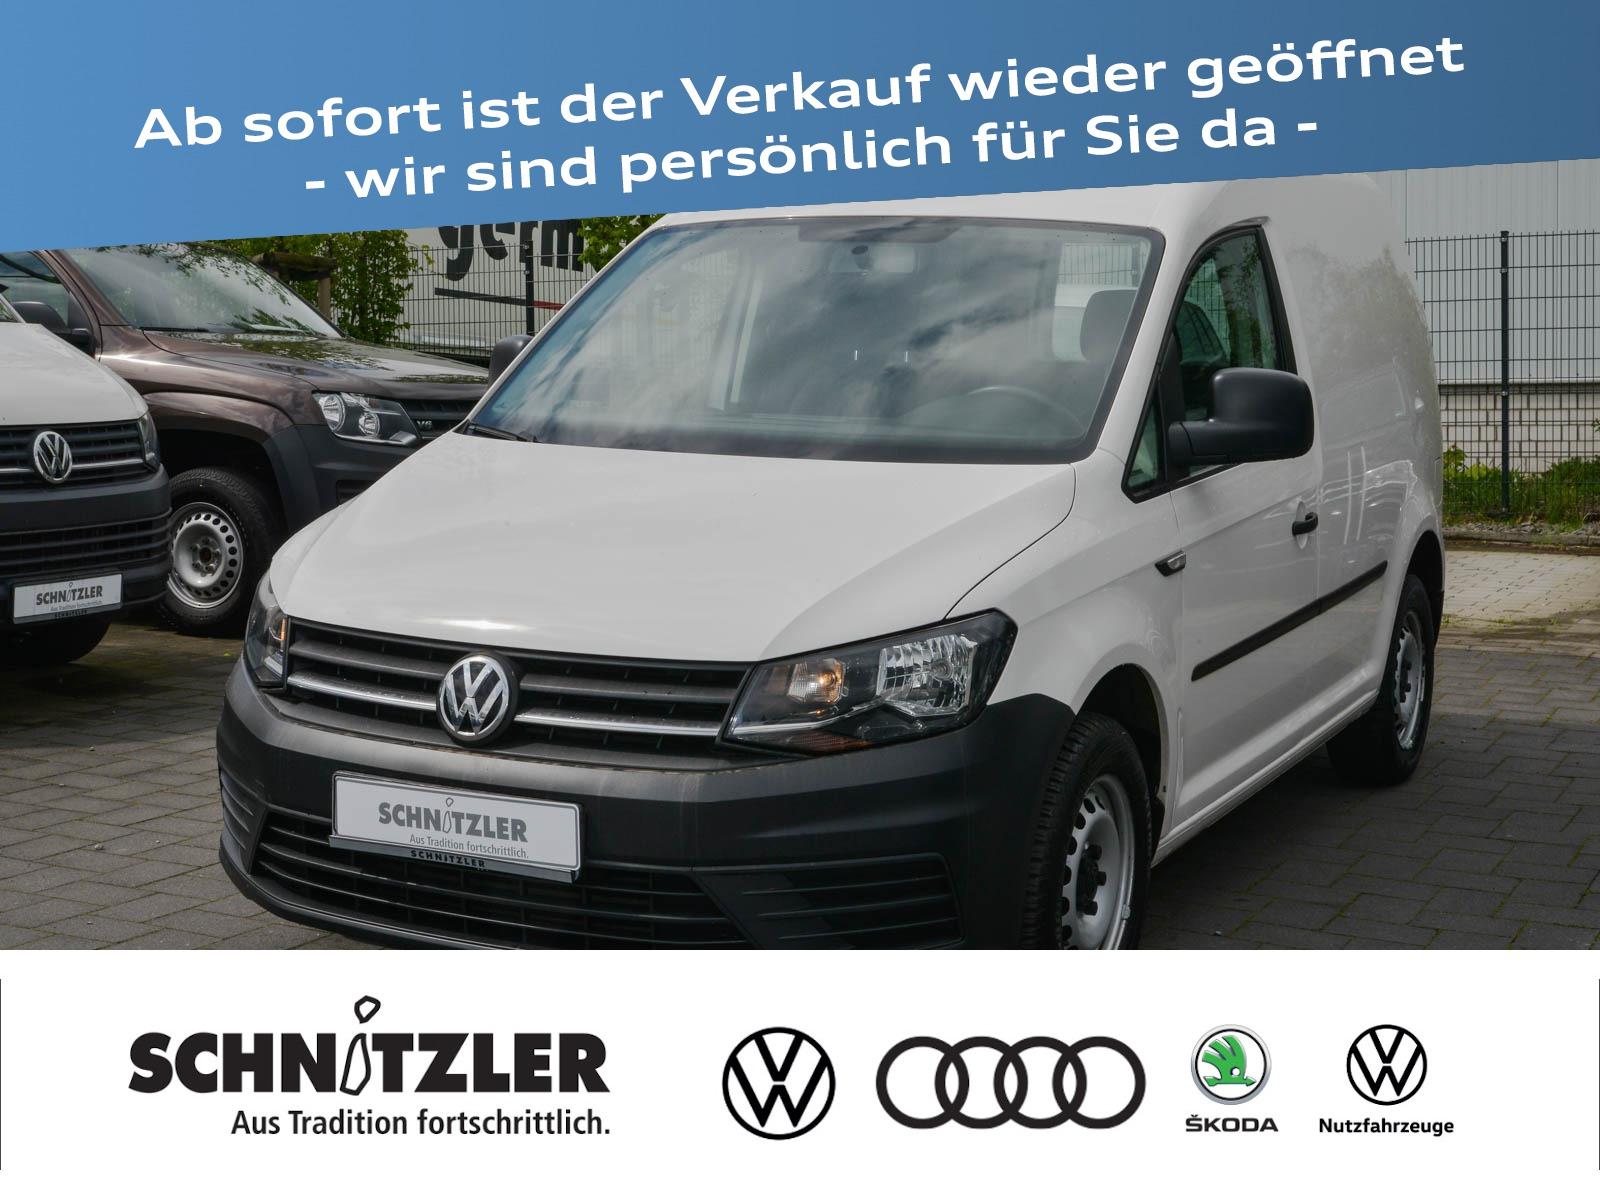 Volkswagen Caddy Kasten 2.0 TDI EcoProfi BMT NAVI/+++, Jahr 2016, Diesel